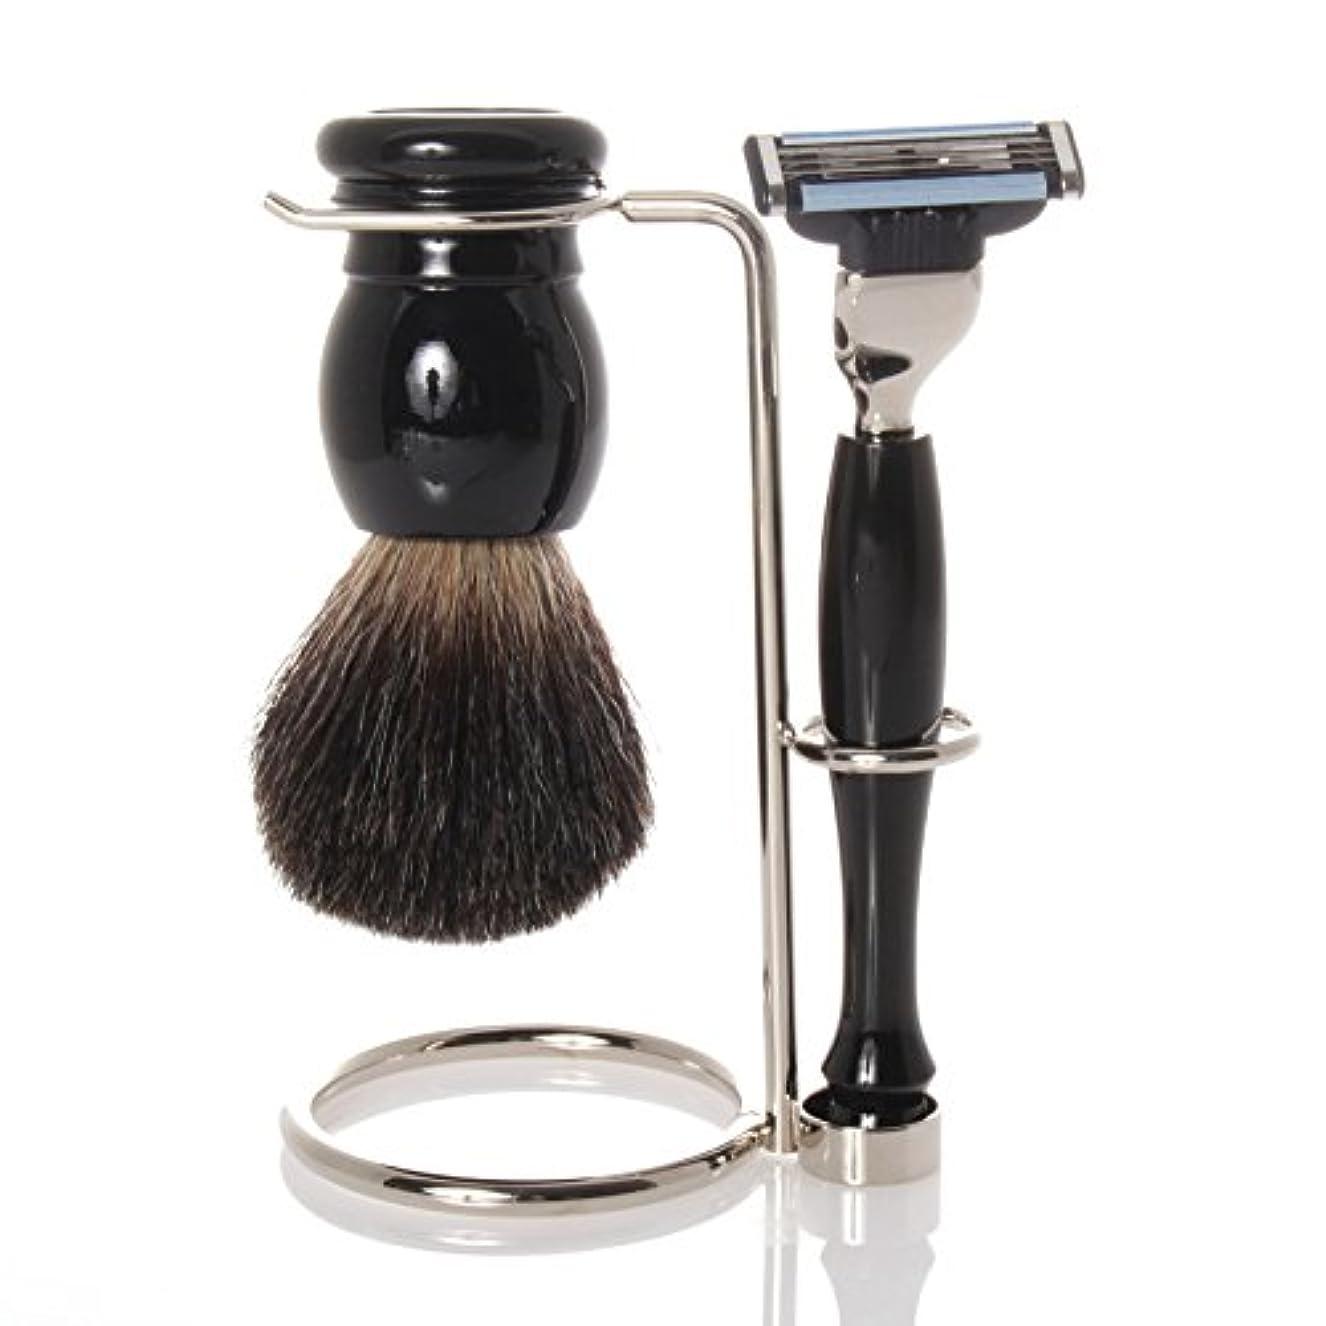 お金ゴム多分ゴミShaving set with holder, grey badger brush, razor - Hans Baier Exclusive